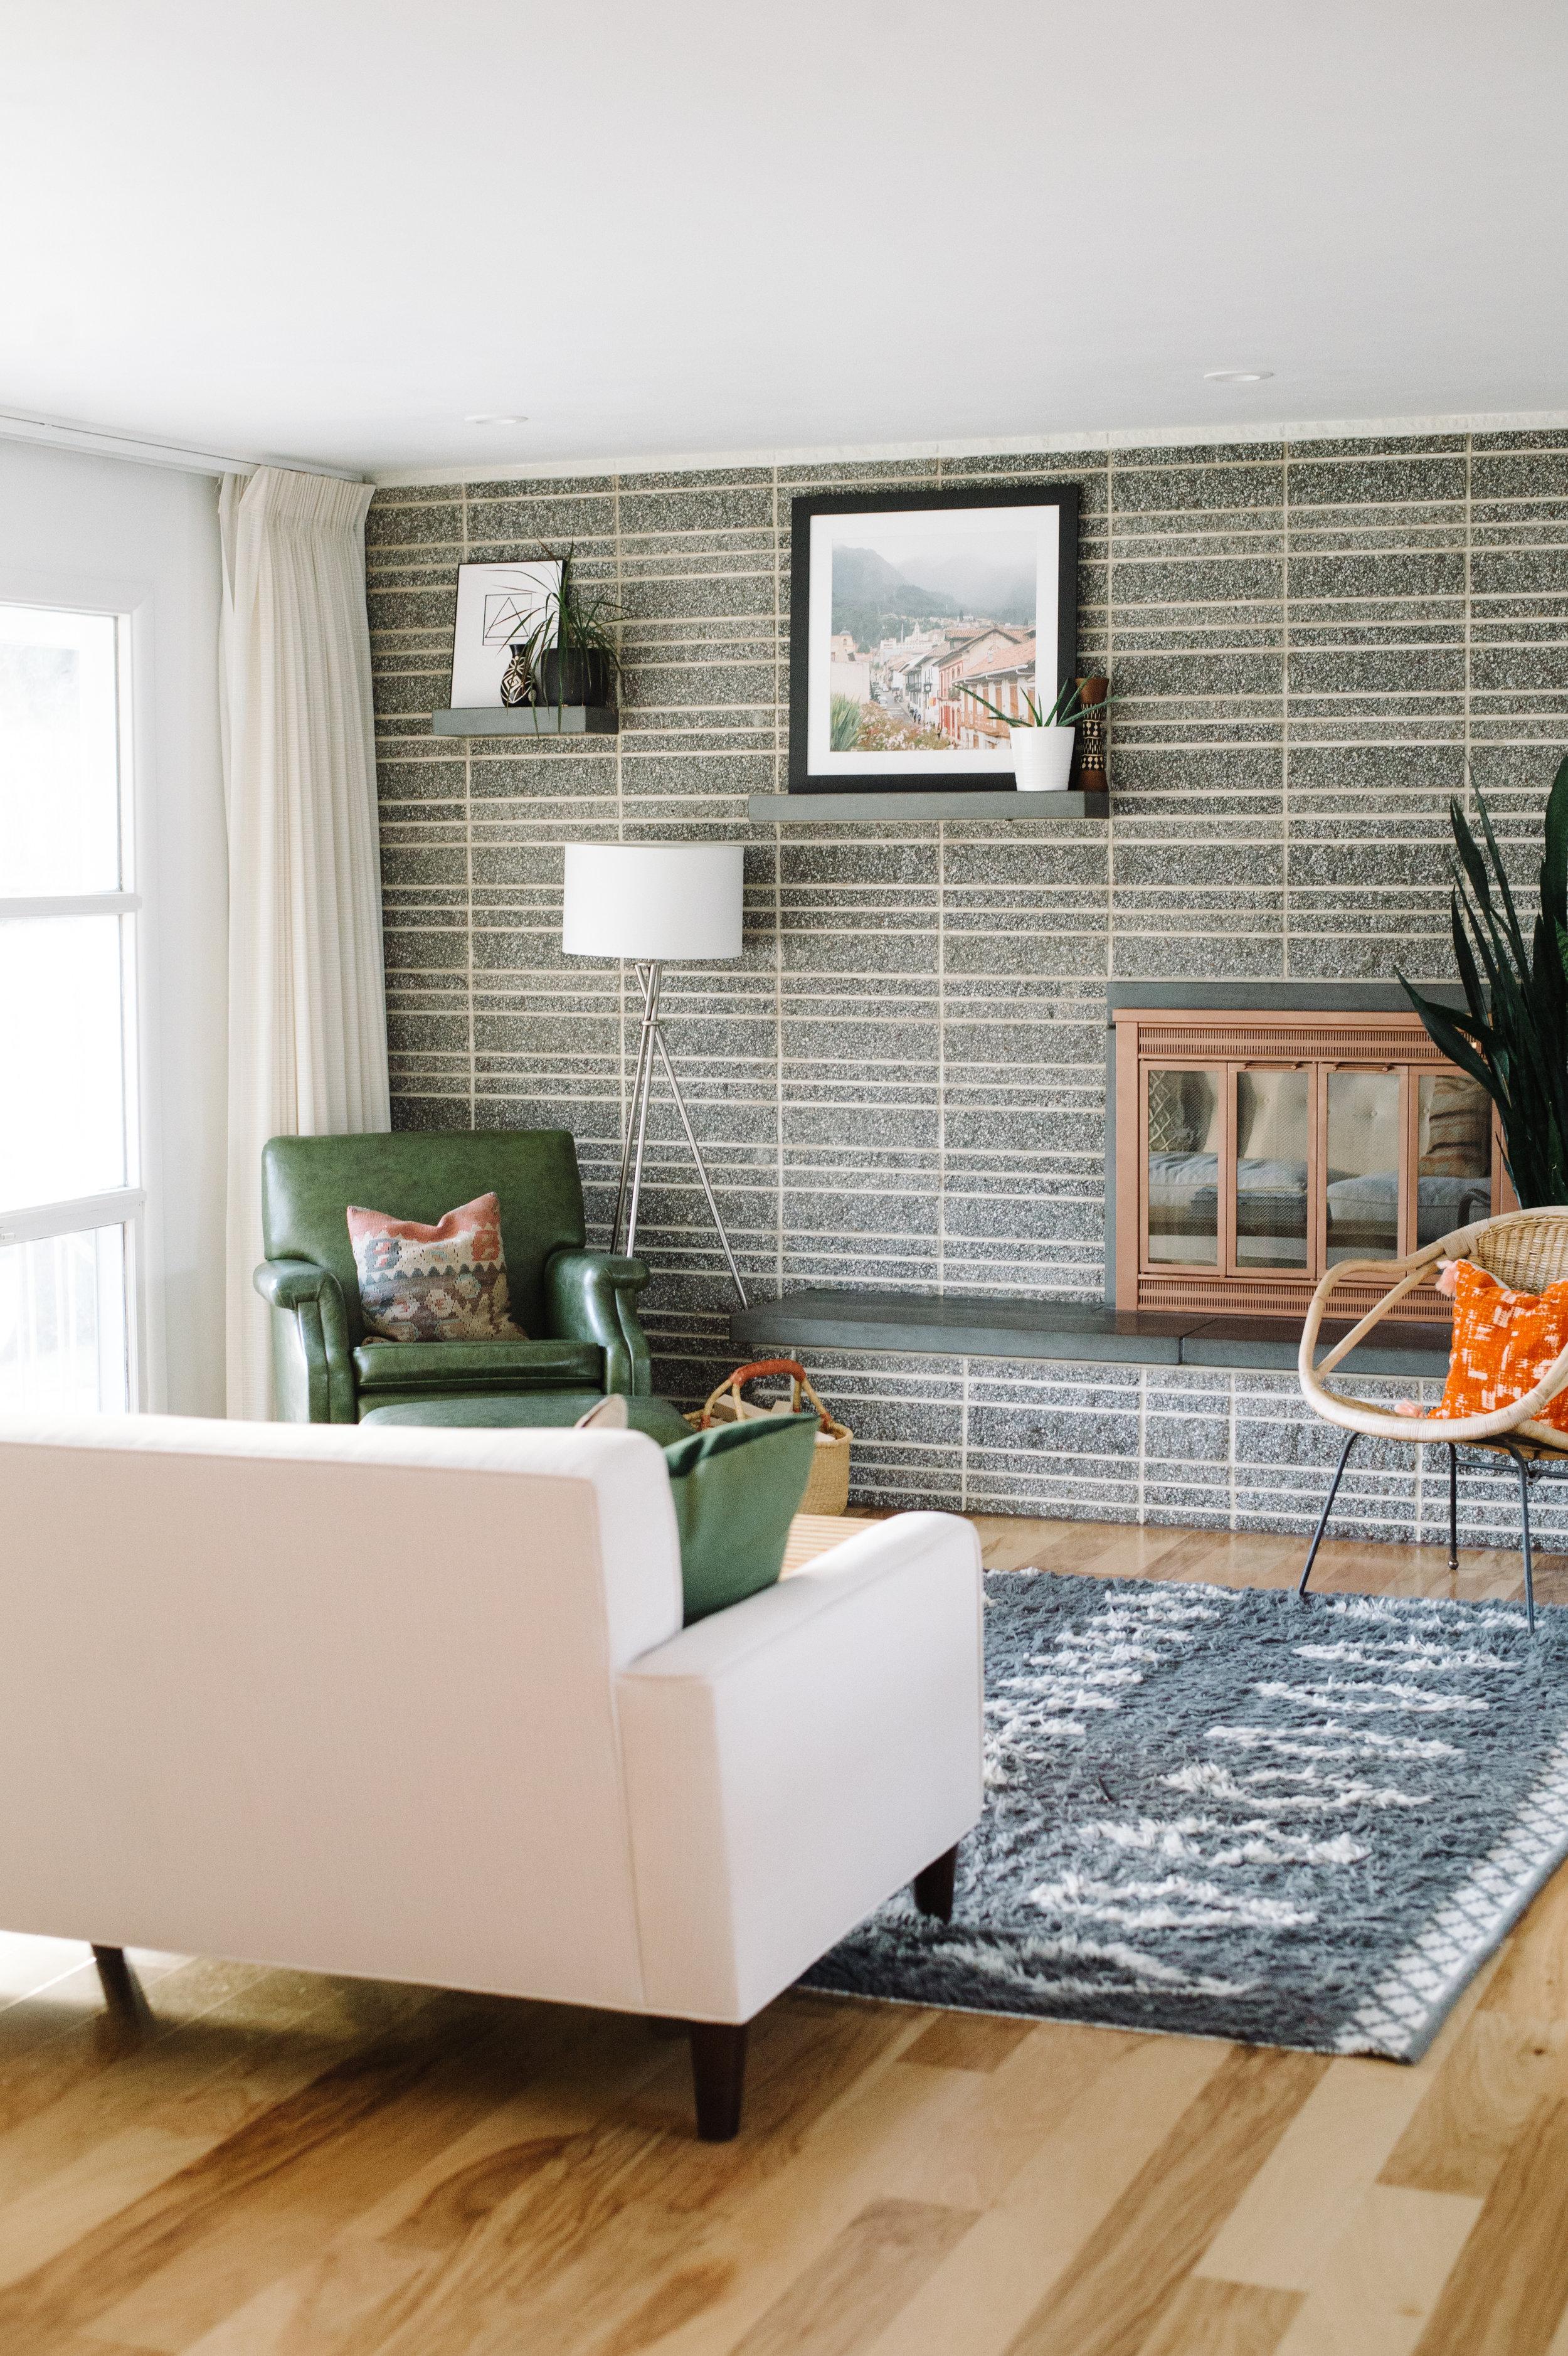 livingroom2017-5.jpg